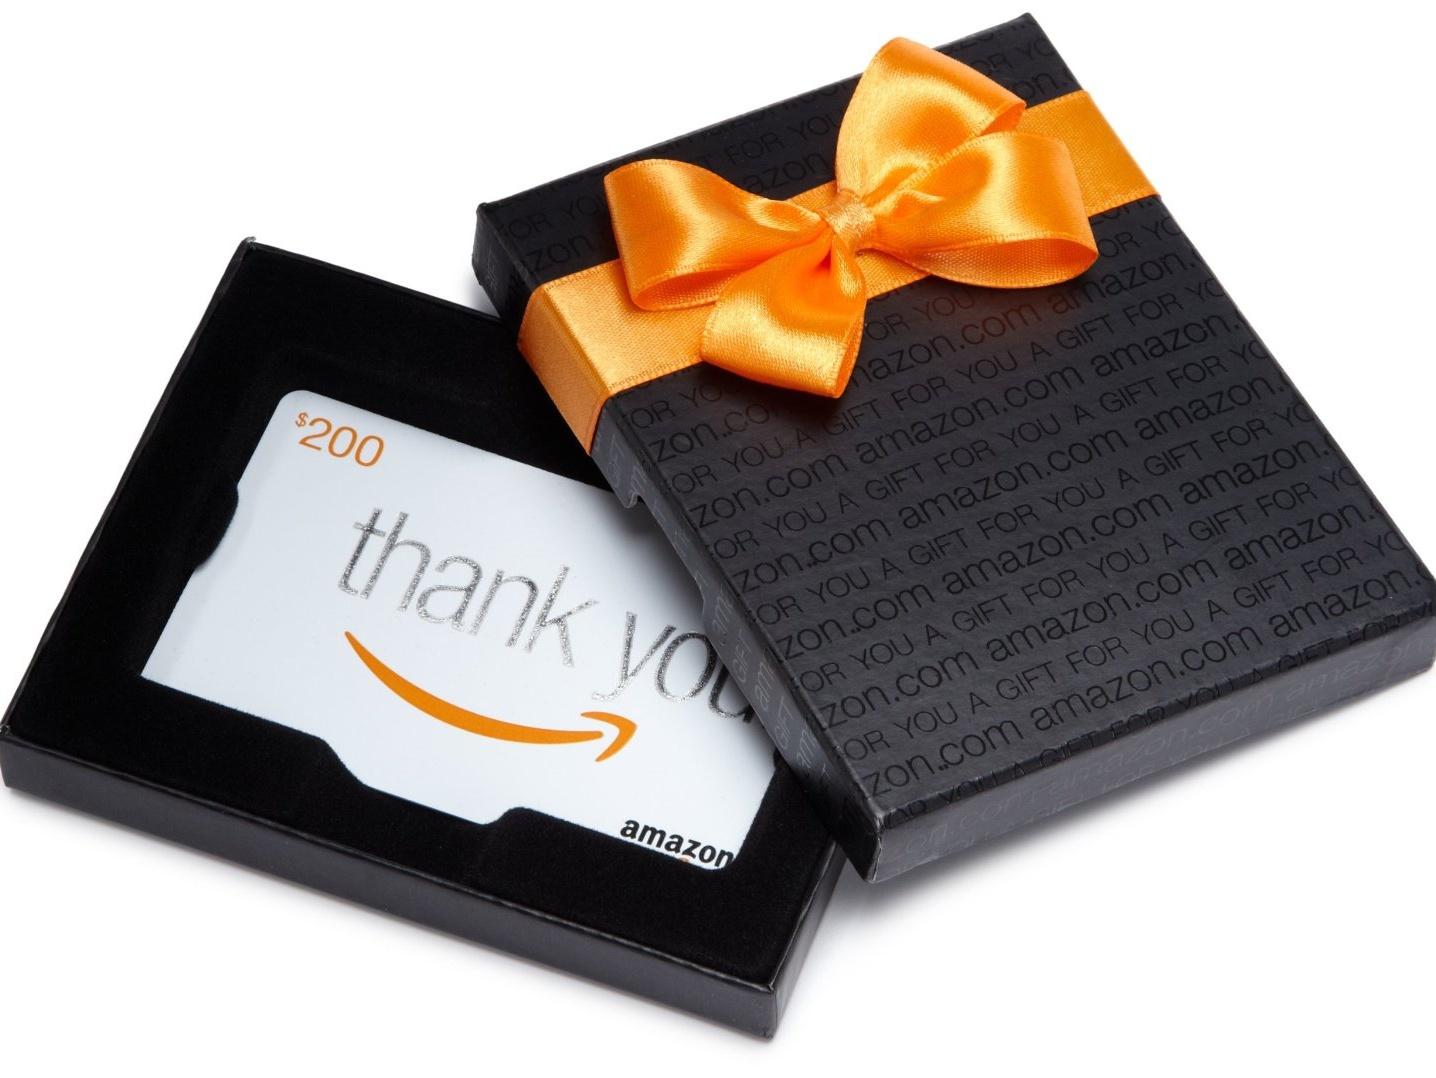 Promocode4share.com Independence Day Giveaways